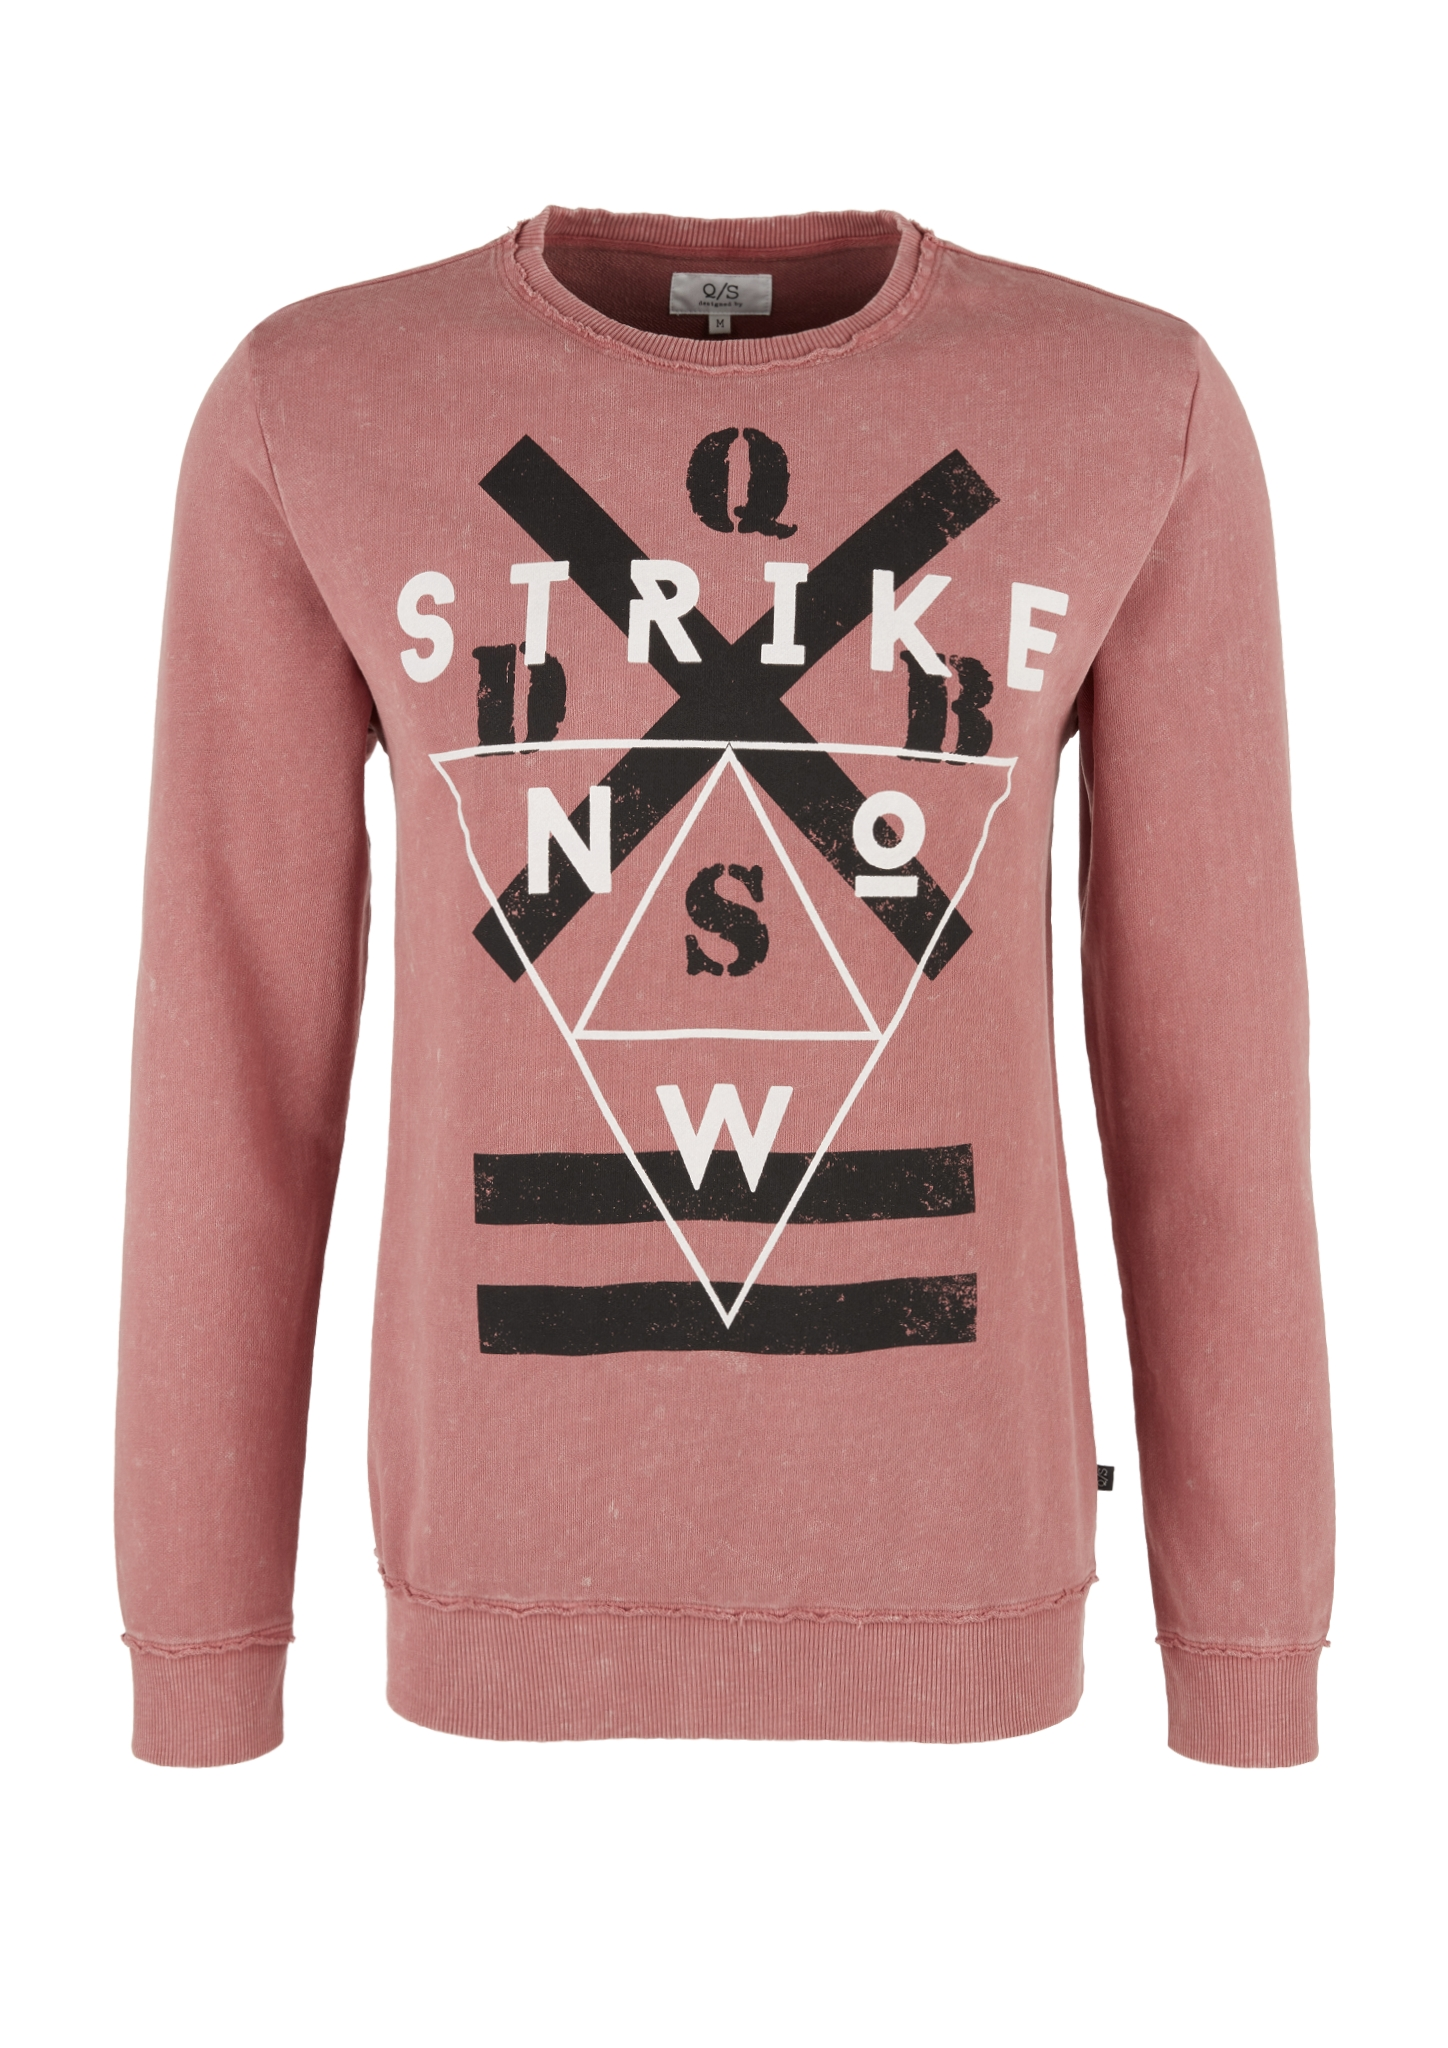 Sweatshirt | Bekleidung > Sweatshirts & -jacken > Sweatshirts | Rot | 100% baumwolle | Q/S designed by